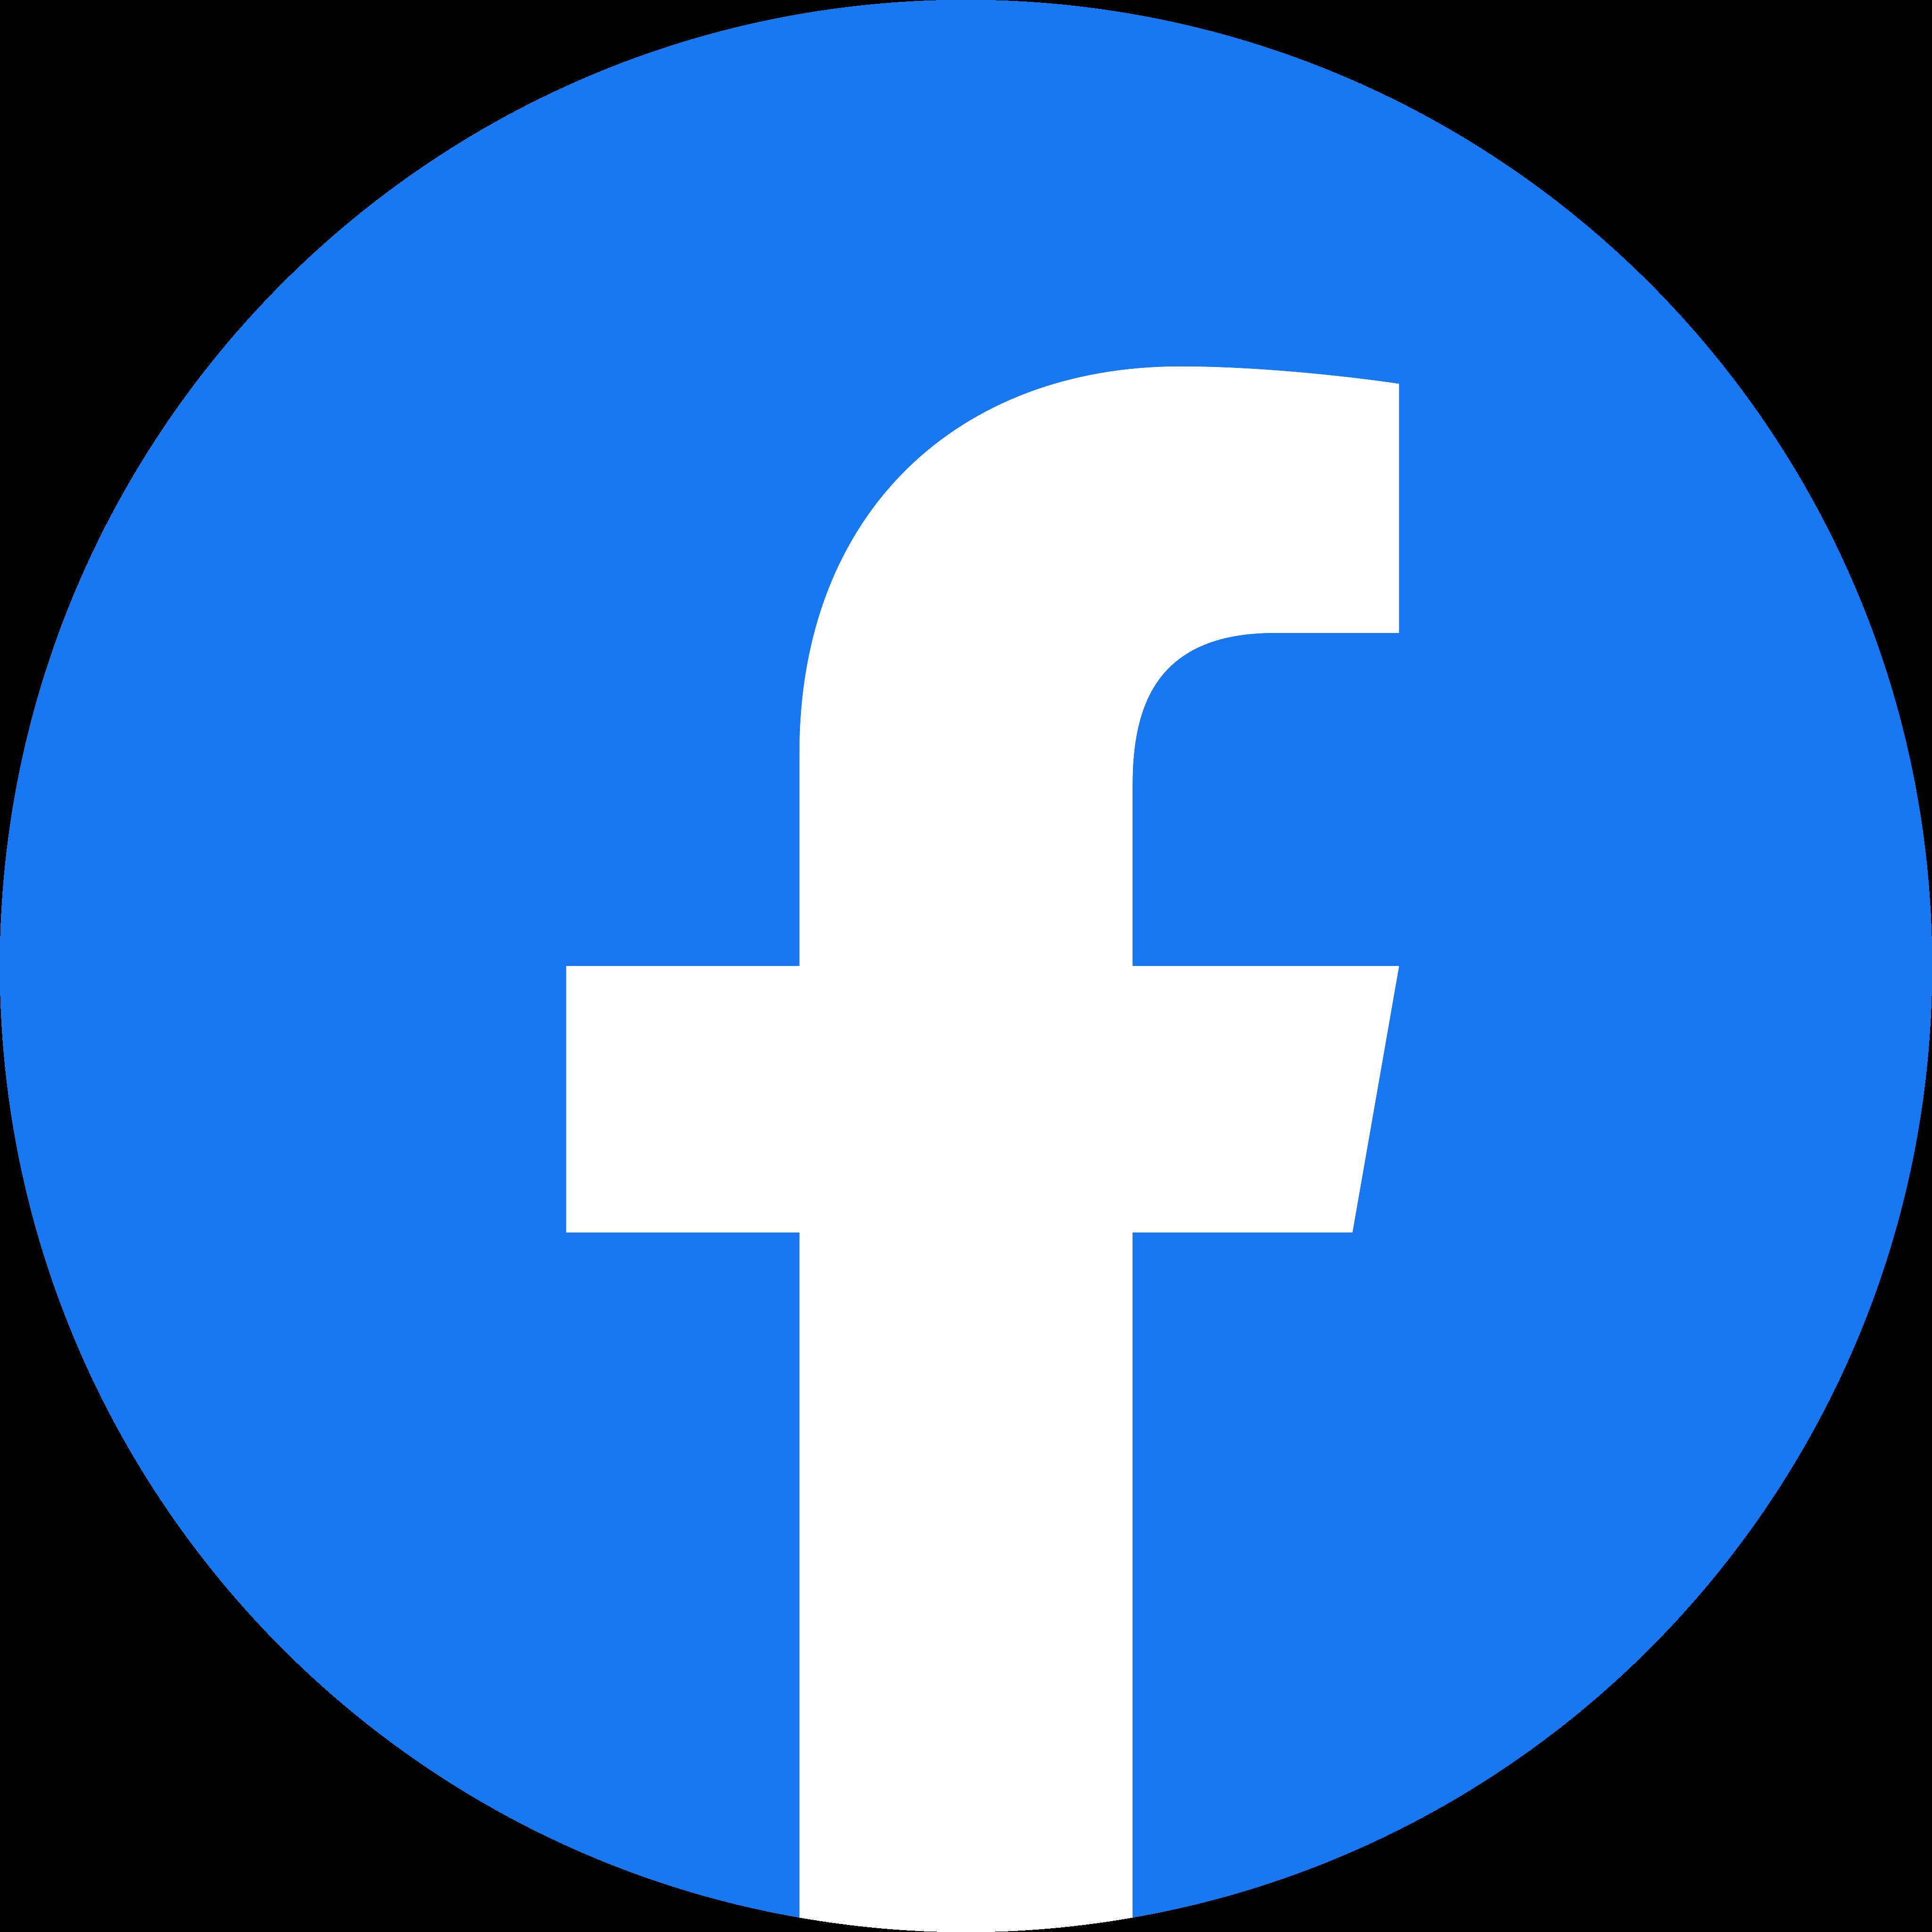 facebook logo 1 2 - Facebook Logo